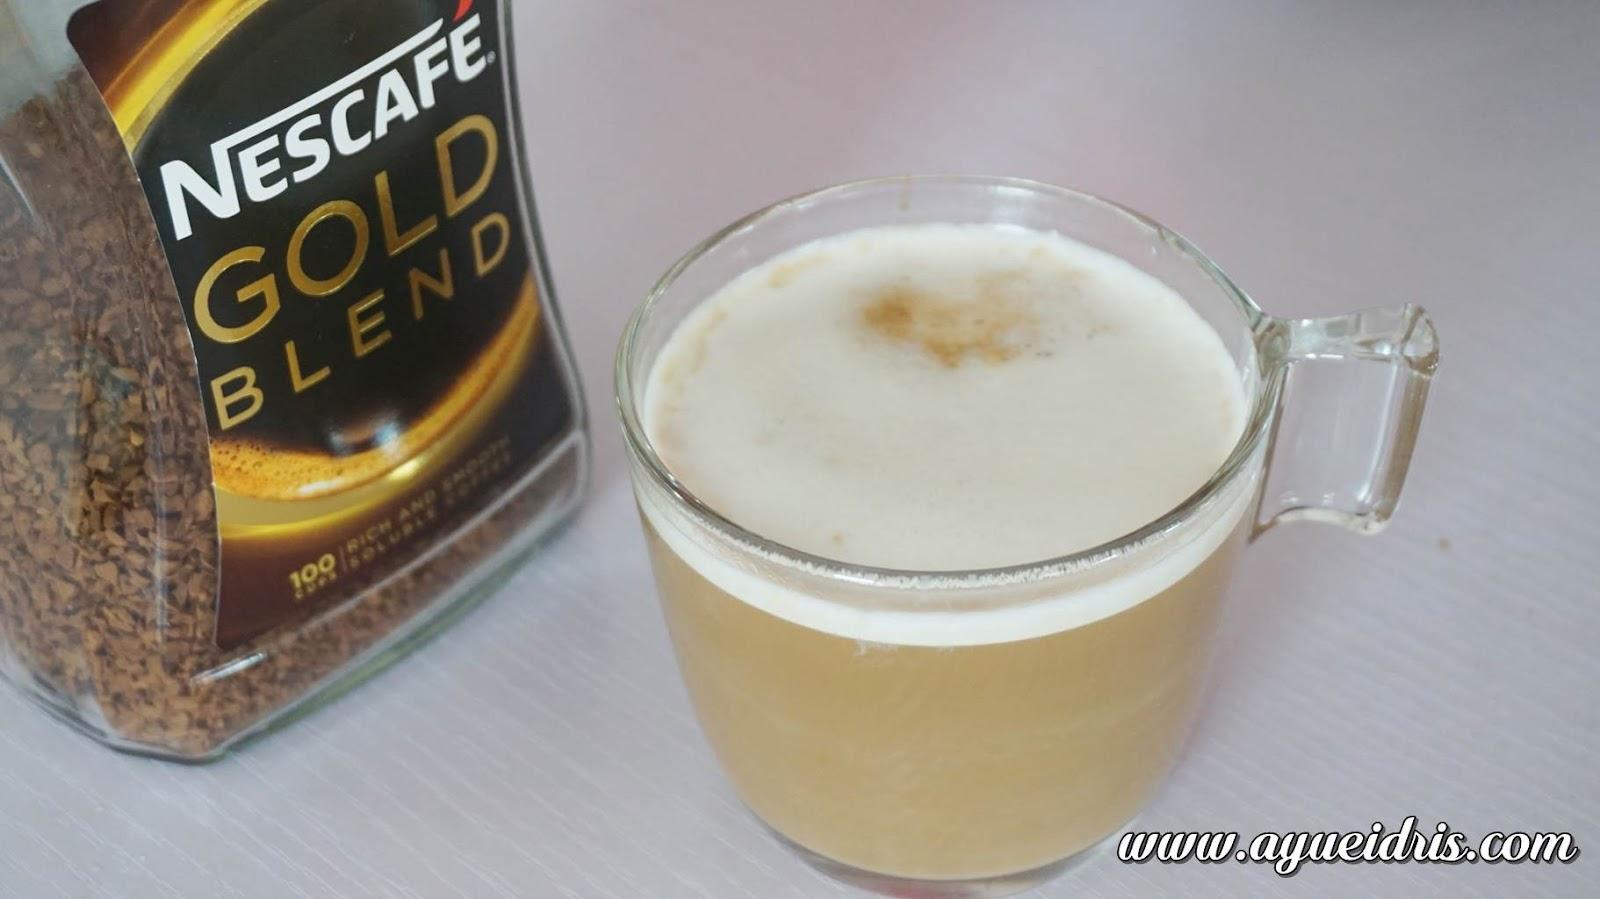 Nescafe Gold Barista Coffee Machine cara guna harga (30).JPG